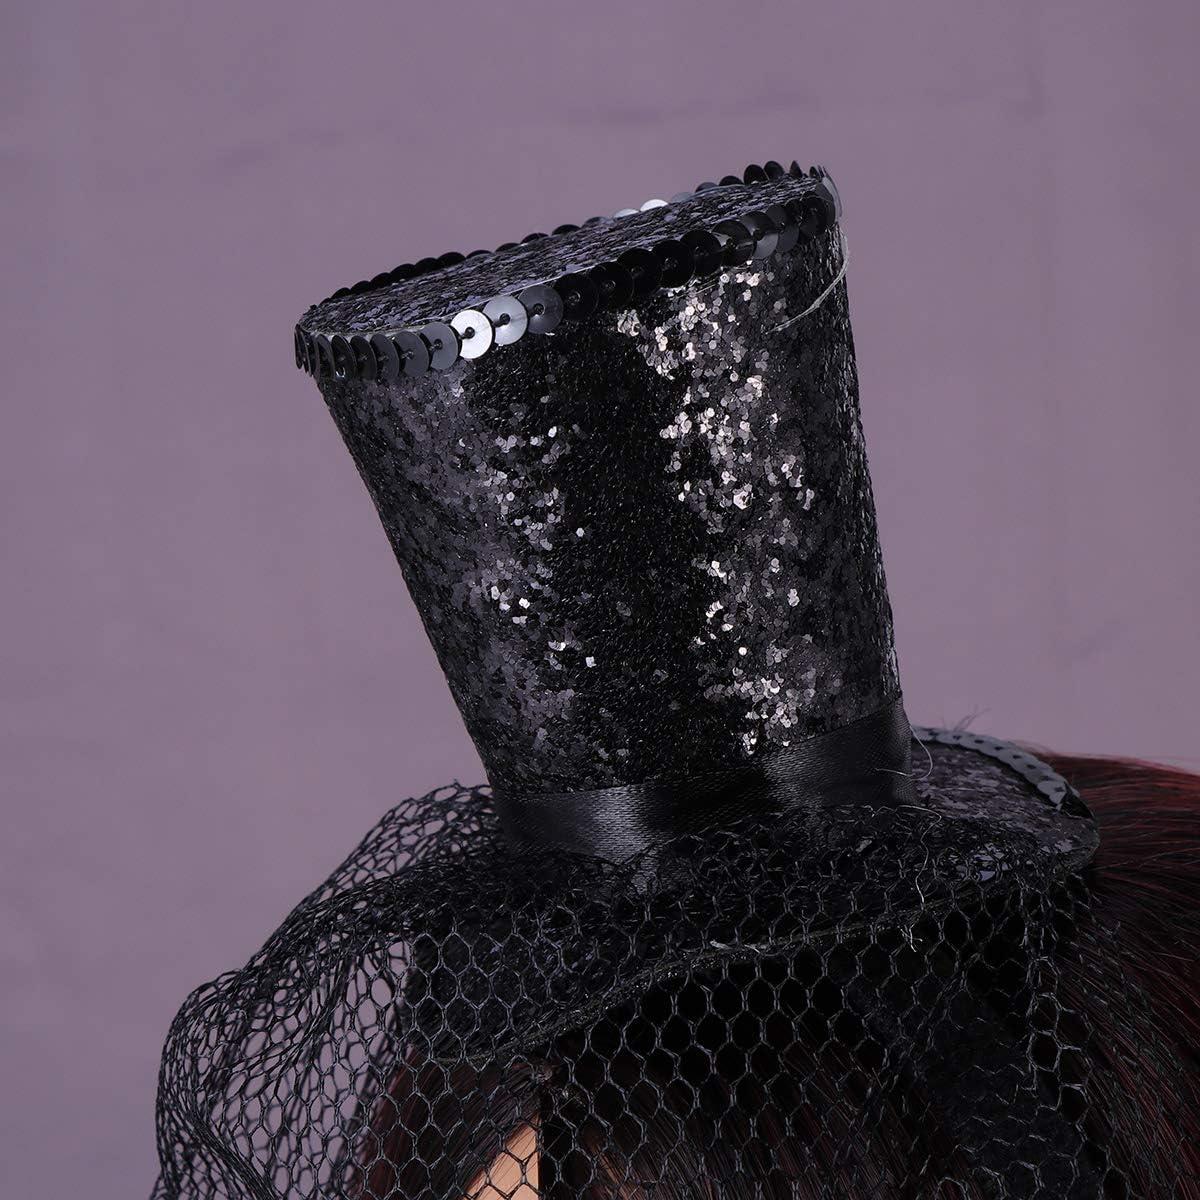 Rojo Negro Amosfun 2pcs Mini Sombrero de Copa con Diadema con Redecilla Desmontable Sombreros para Dama Mujer